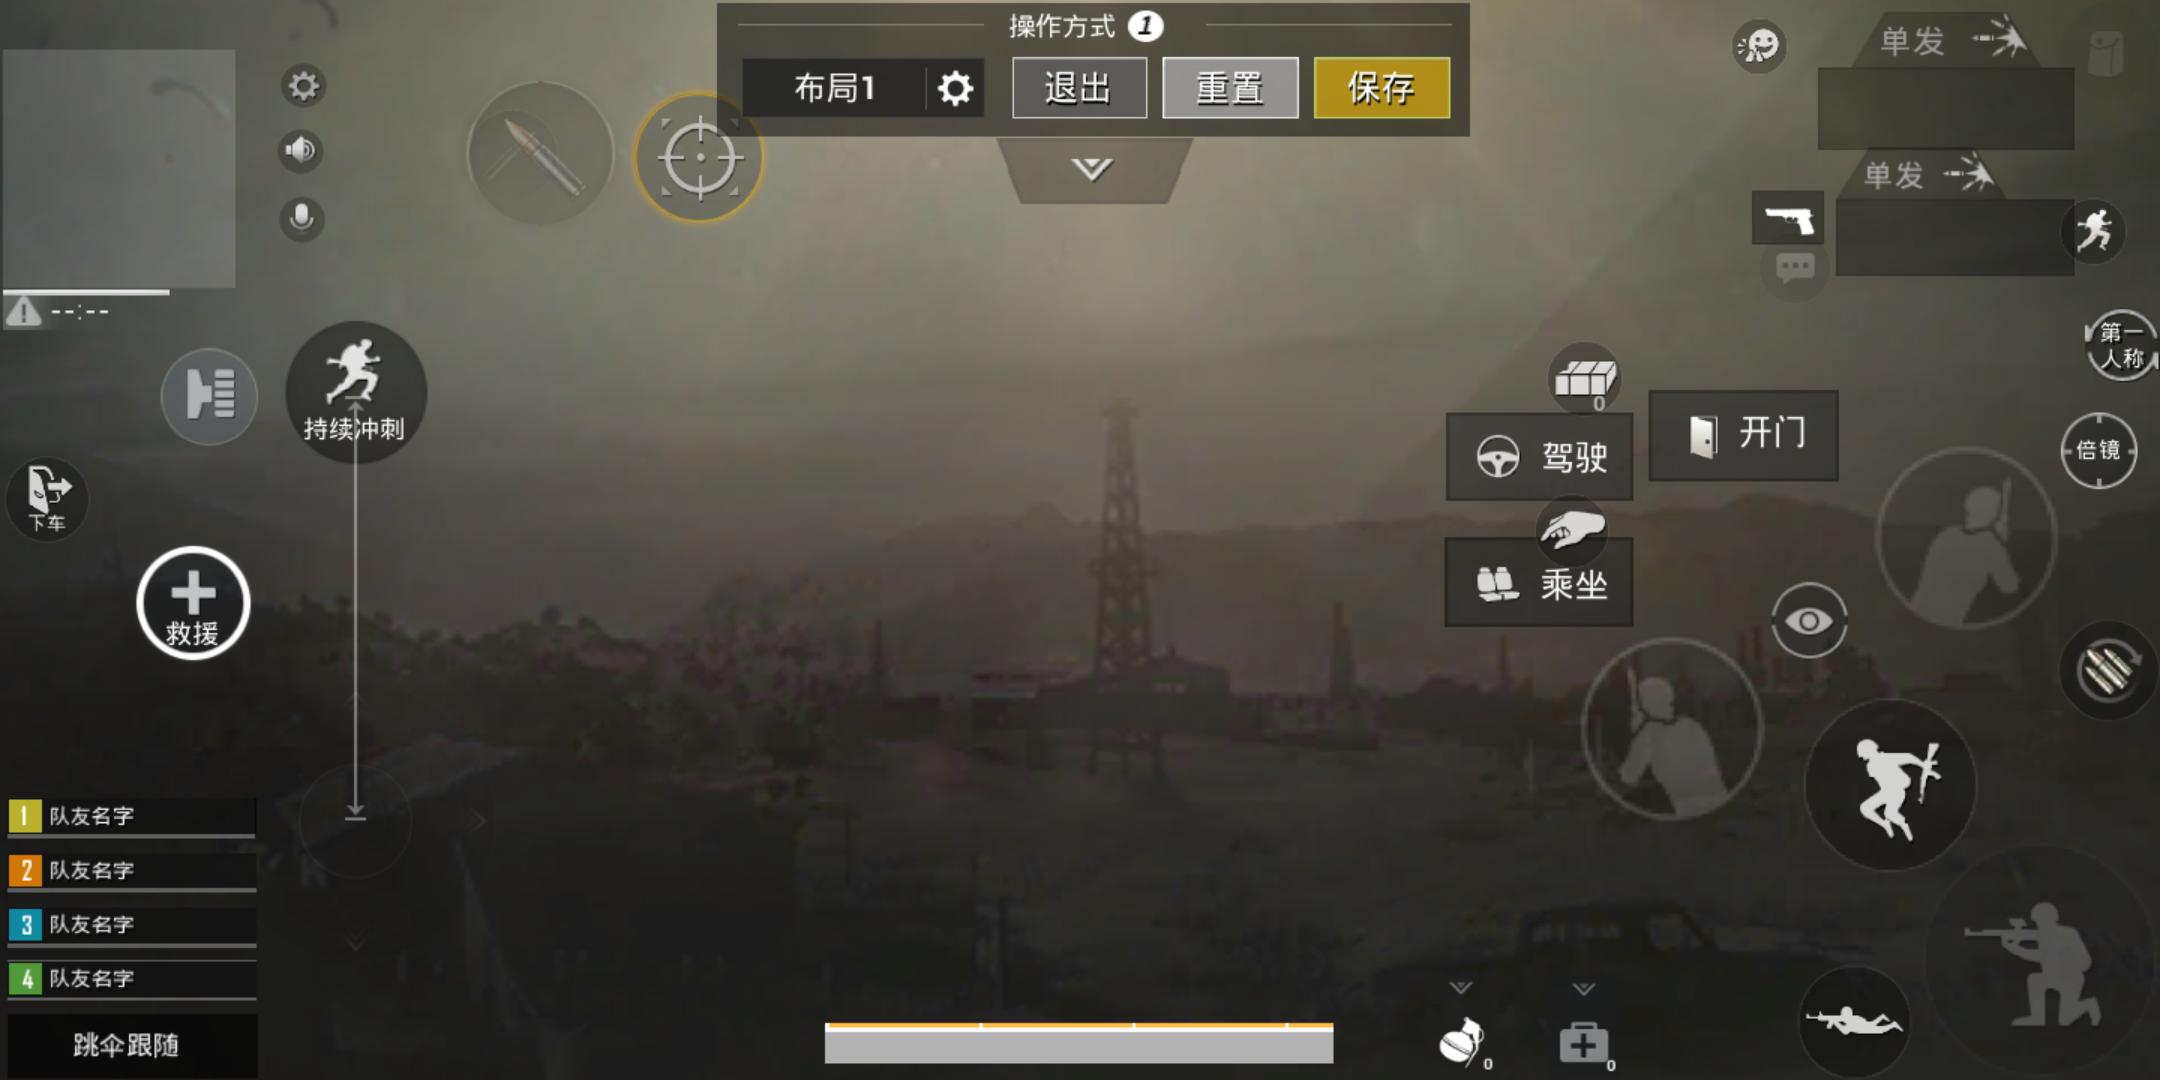 Screenshot_2018-08-26-00-44-14-231_com.tencent.tm.png